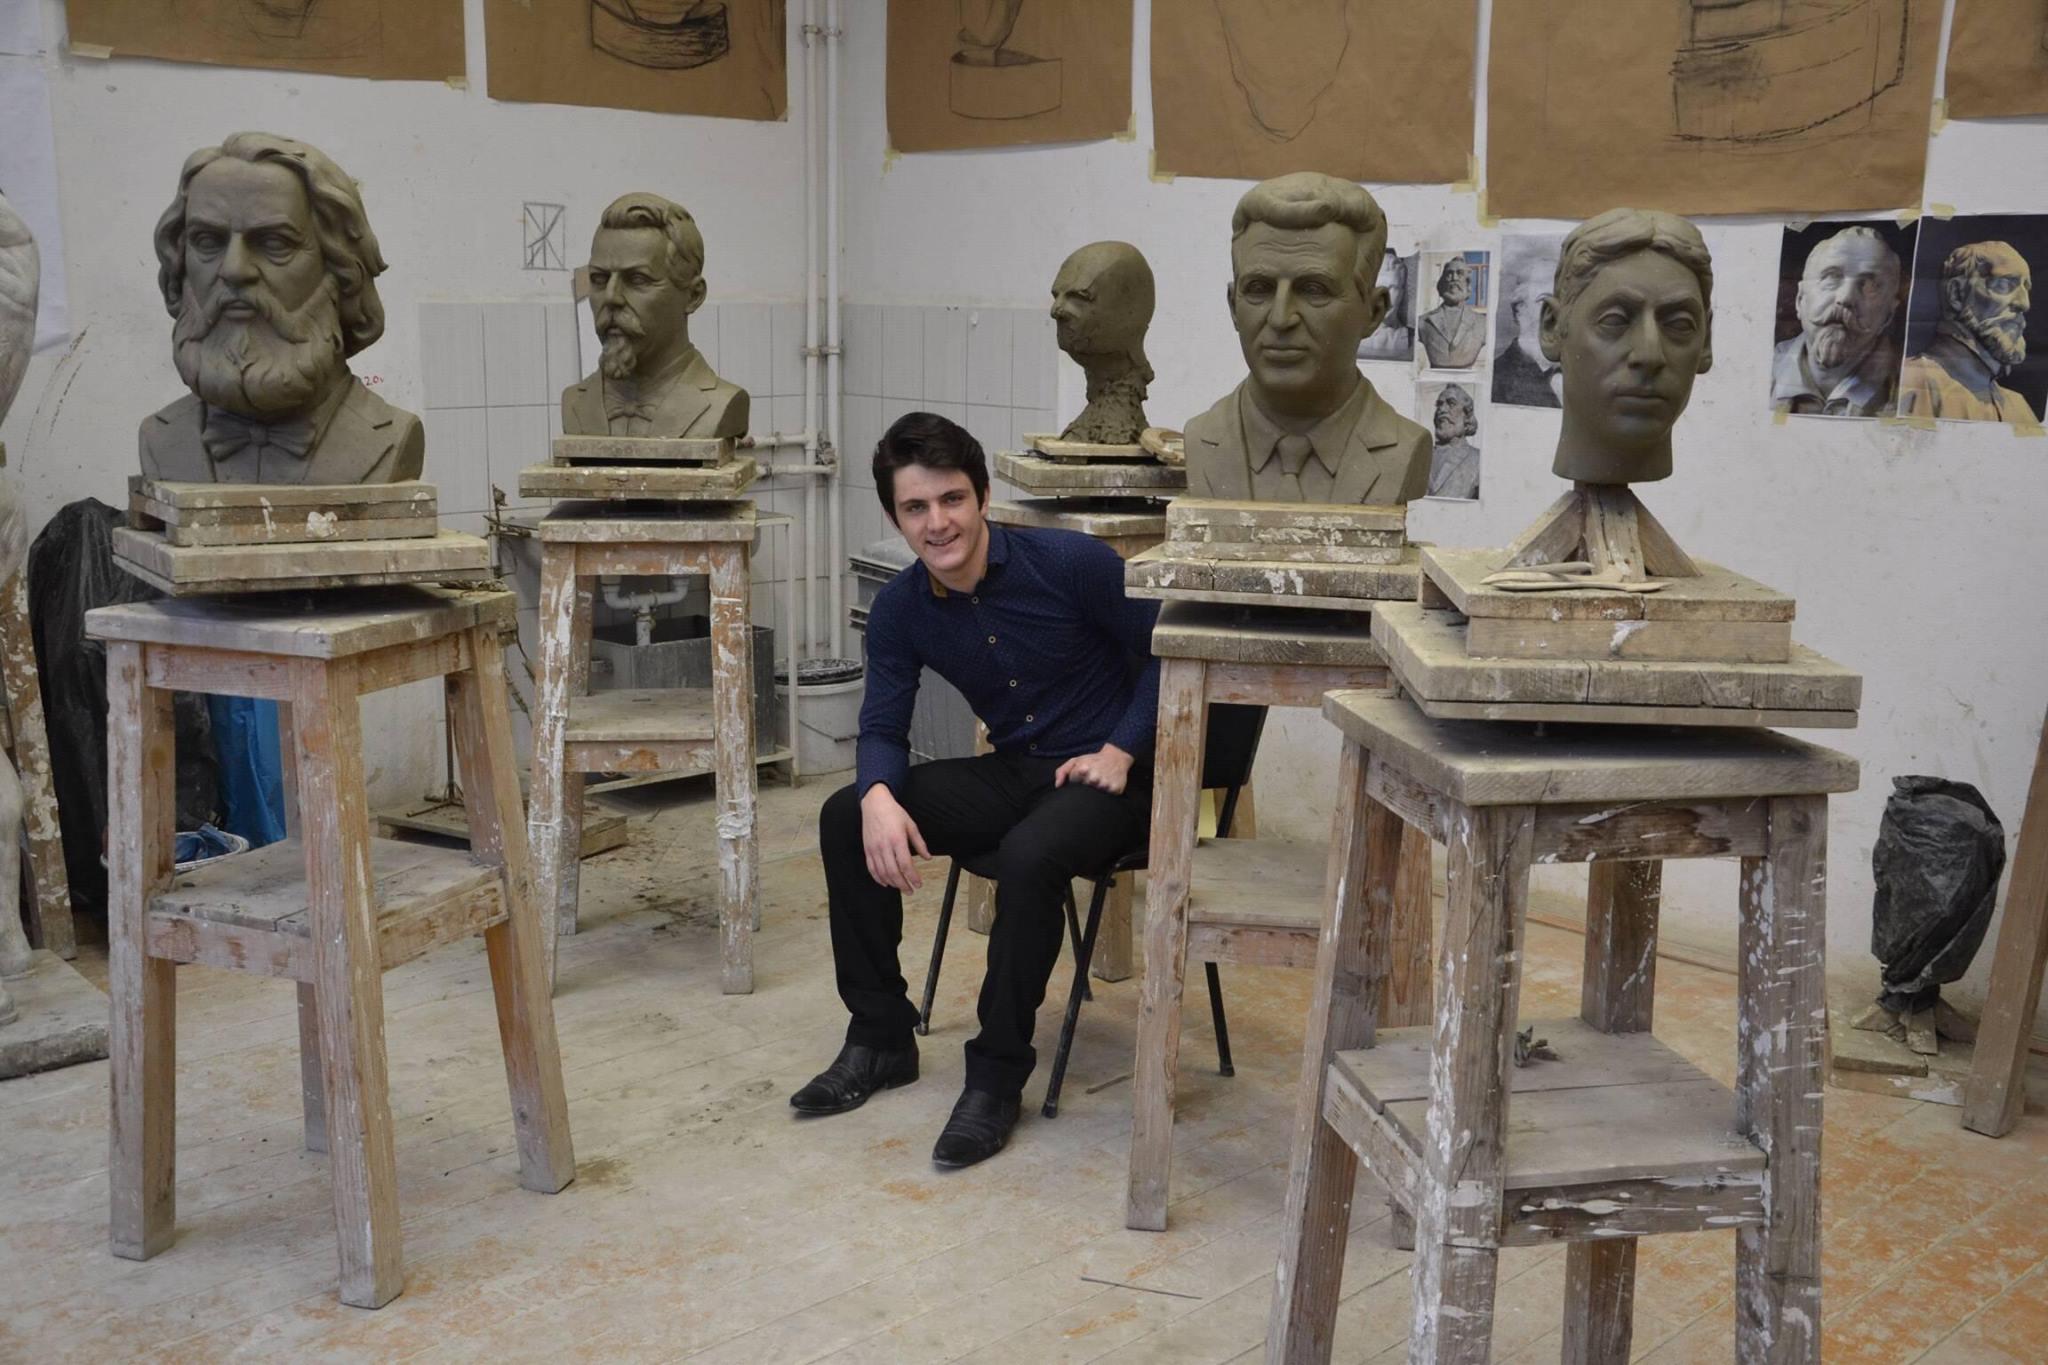 botnari-mihai-sculptura-bucuresti